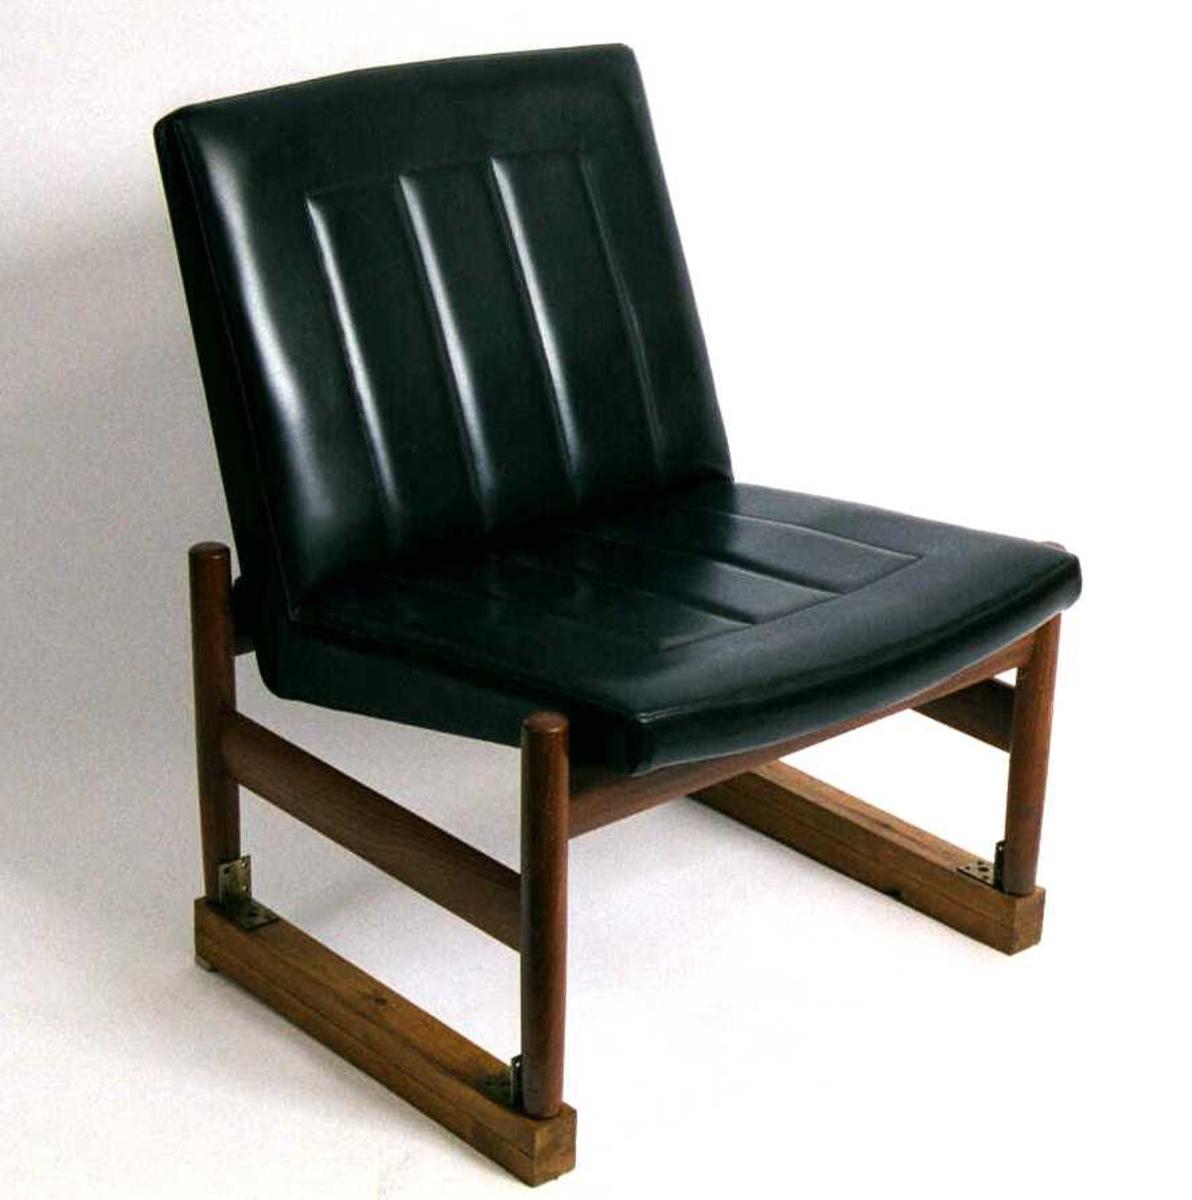 Stol, ventestol